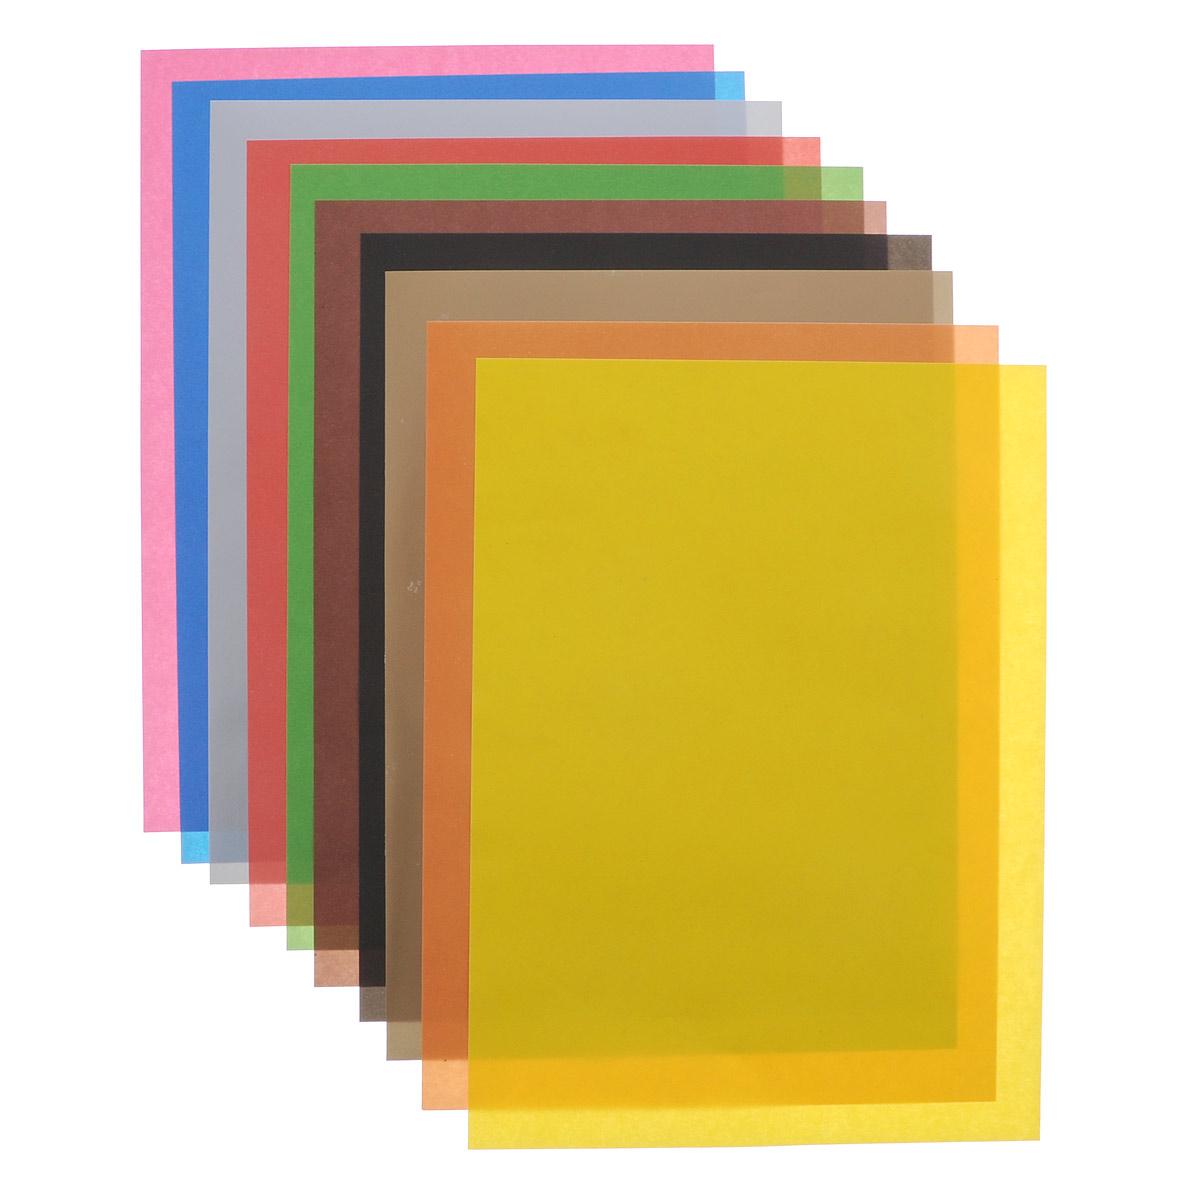 Набор Proff Fizzy Moonсодержит 8 листов бумаги следующих насыщенных цветов: желтого, красного, коричневого, малинового, оранжевого, зеленого, черного, синего, золотистого и серебристого.Создание поделок из цветной бумаги - это увлекательнейший процесс, способствующий развитию фантазии и творческого мышления.Набор упакован в картонную папку с цветным изображением очаровательной кошечки.